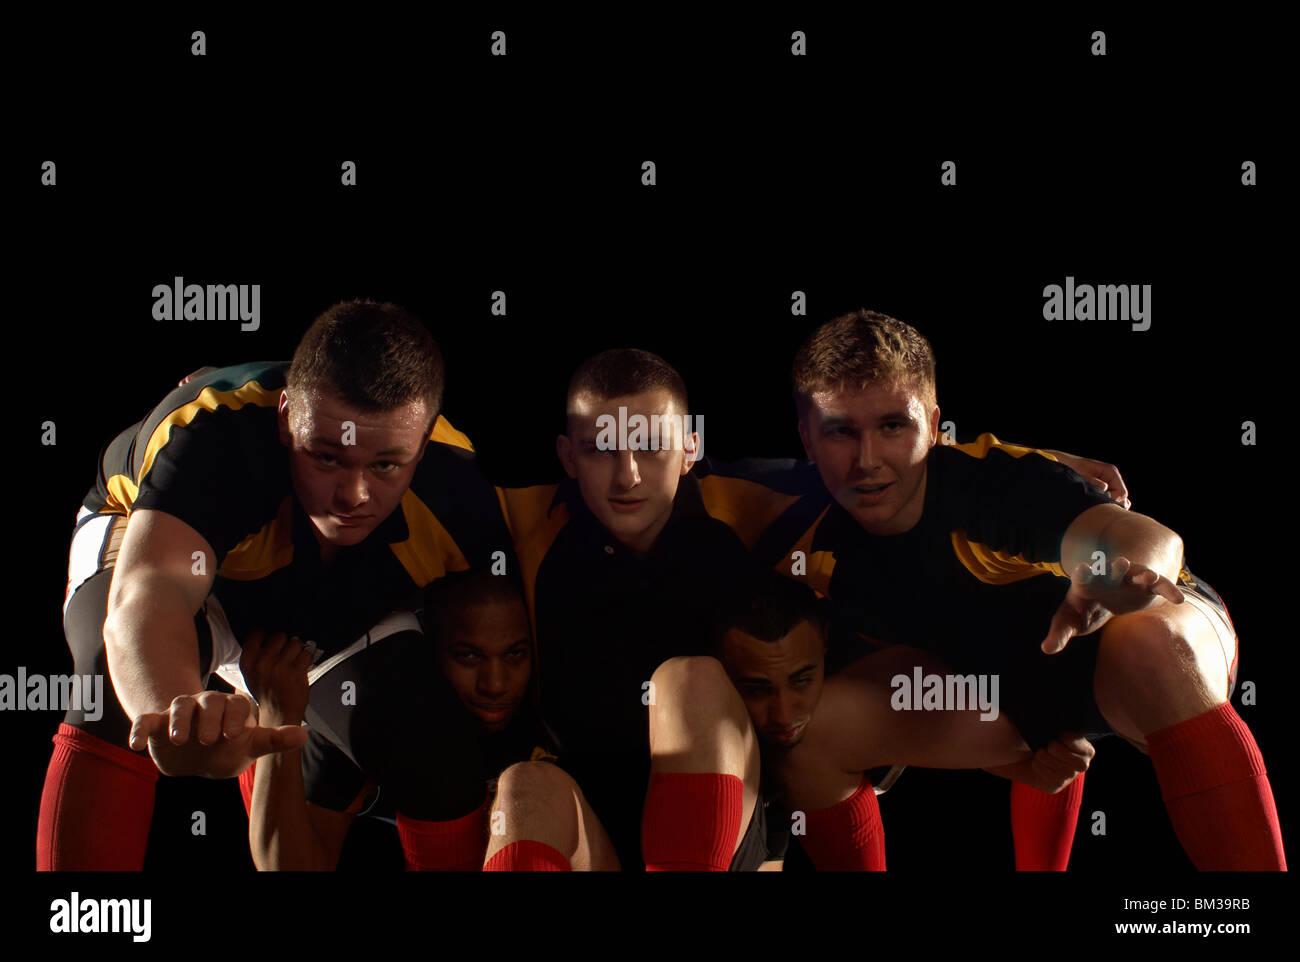 Los jugadores de rugby en scrum formación Imagen De Stock